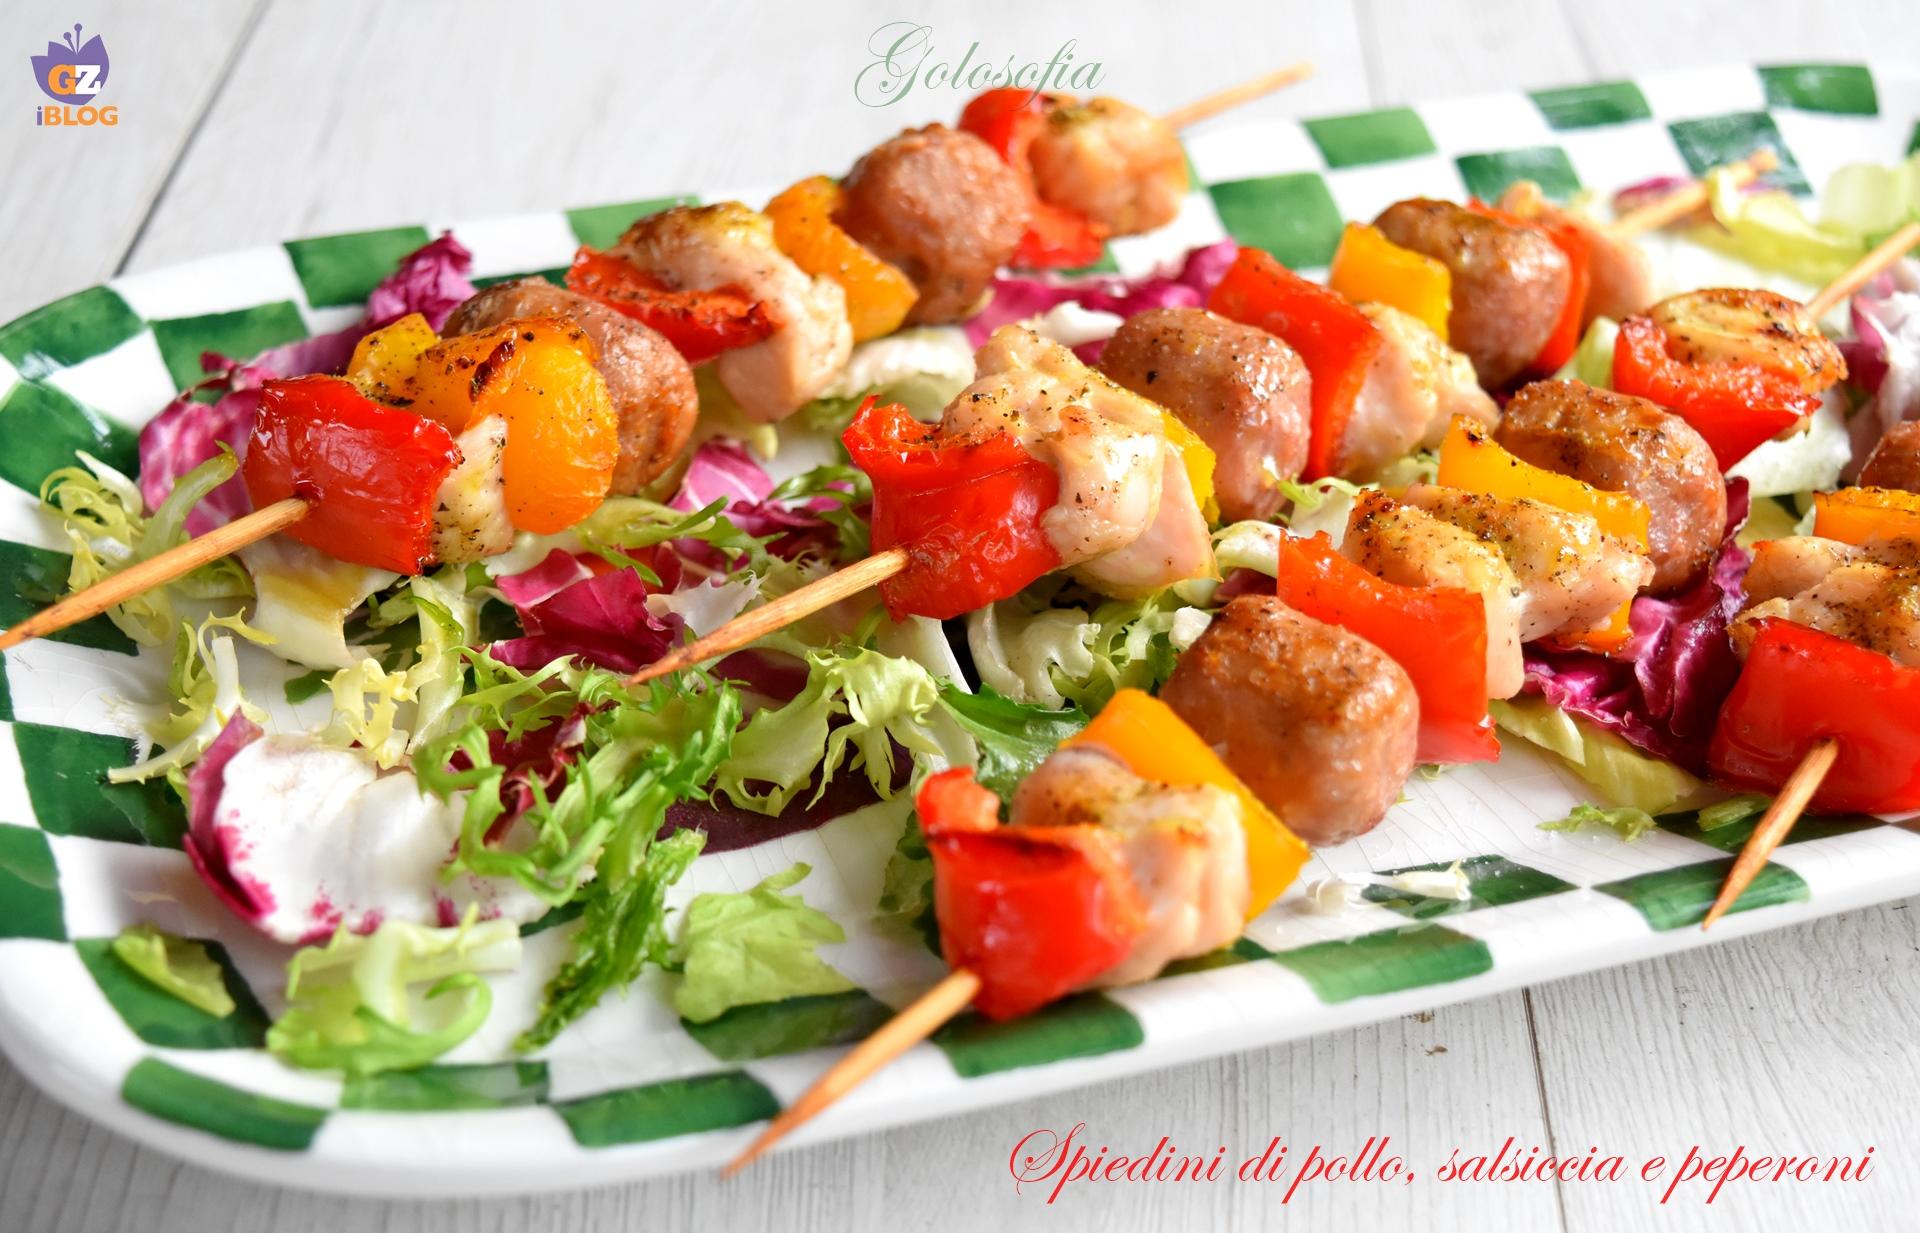 Spiedini di pollo, salsiccia e peperoni-ricetta secondi-golosofia